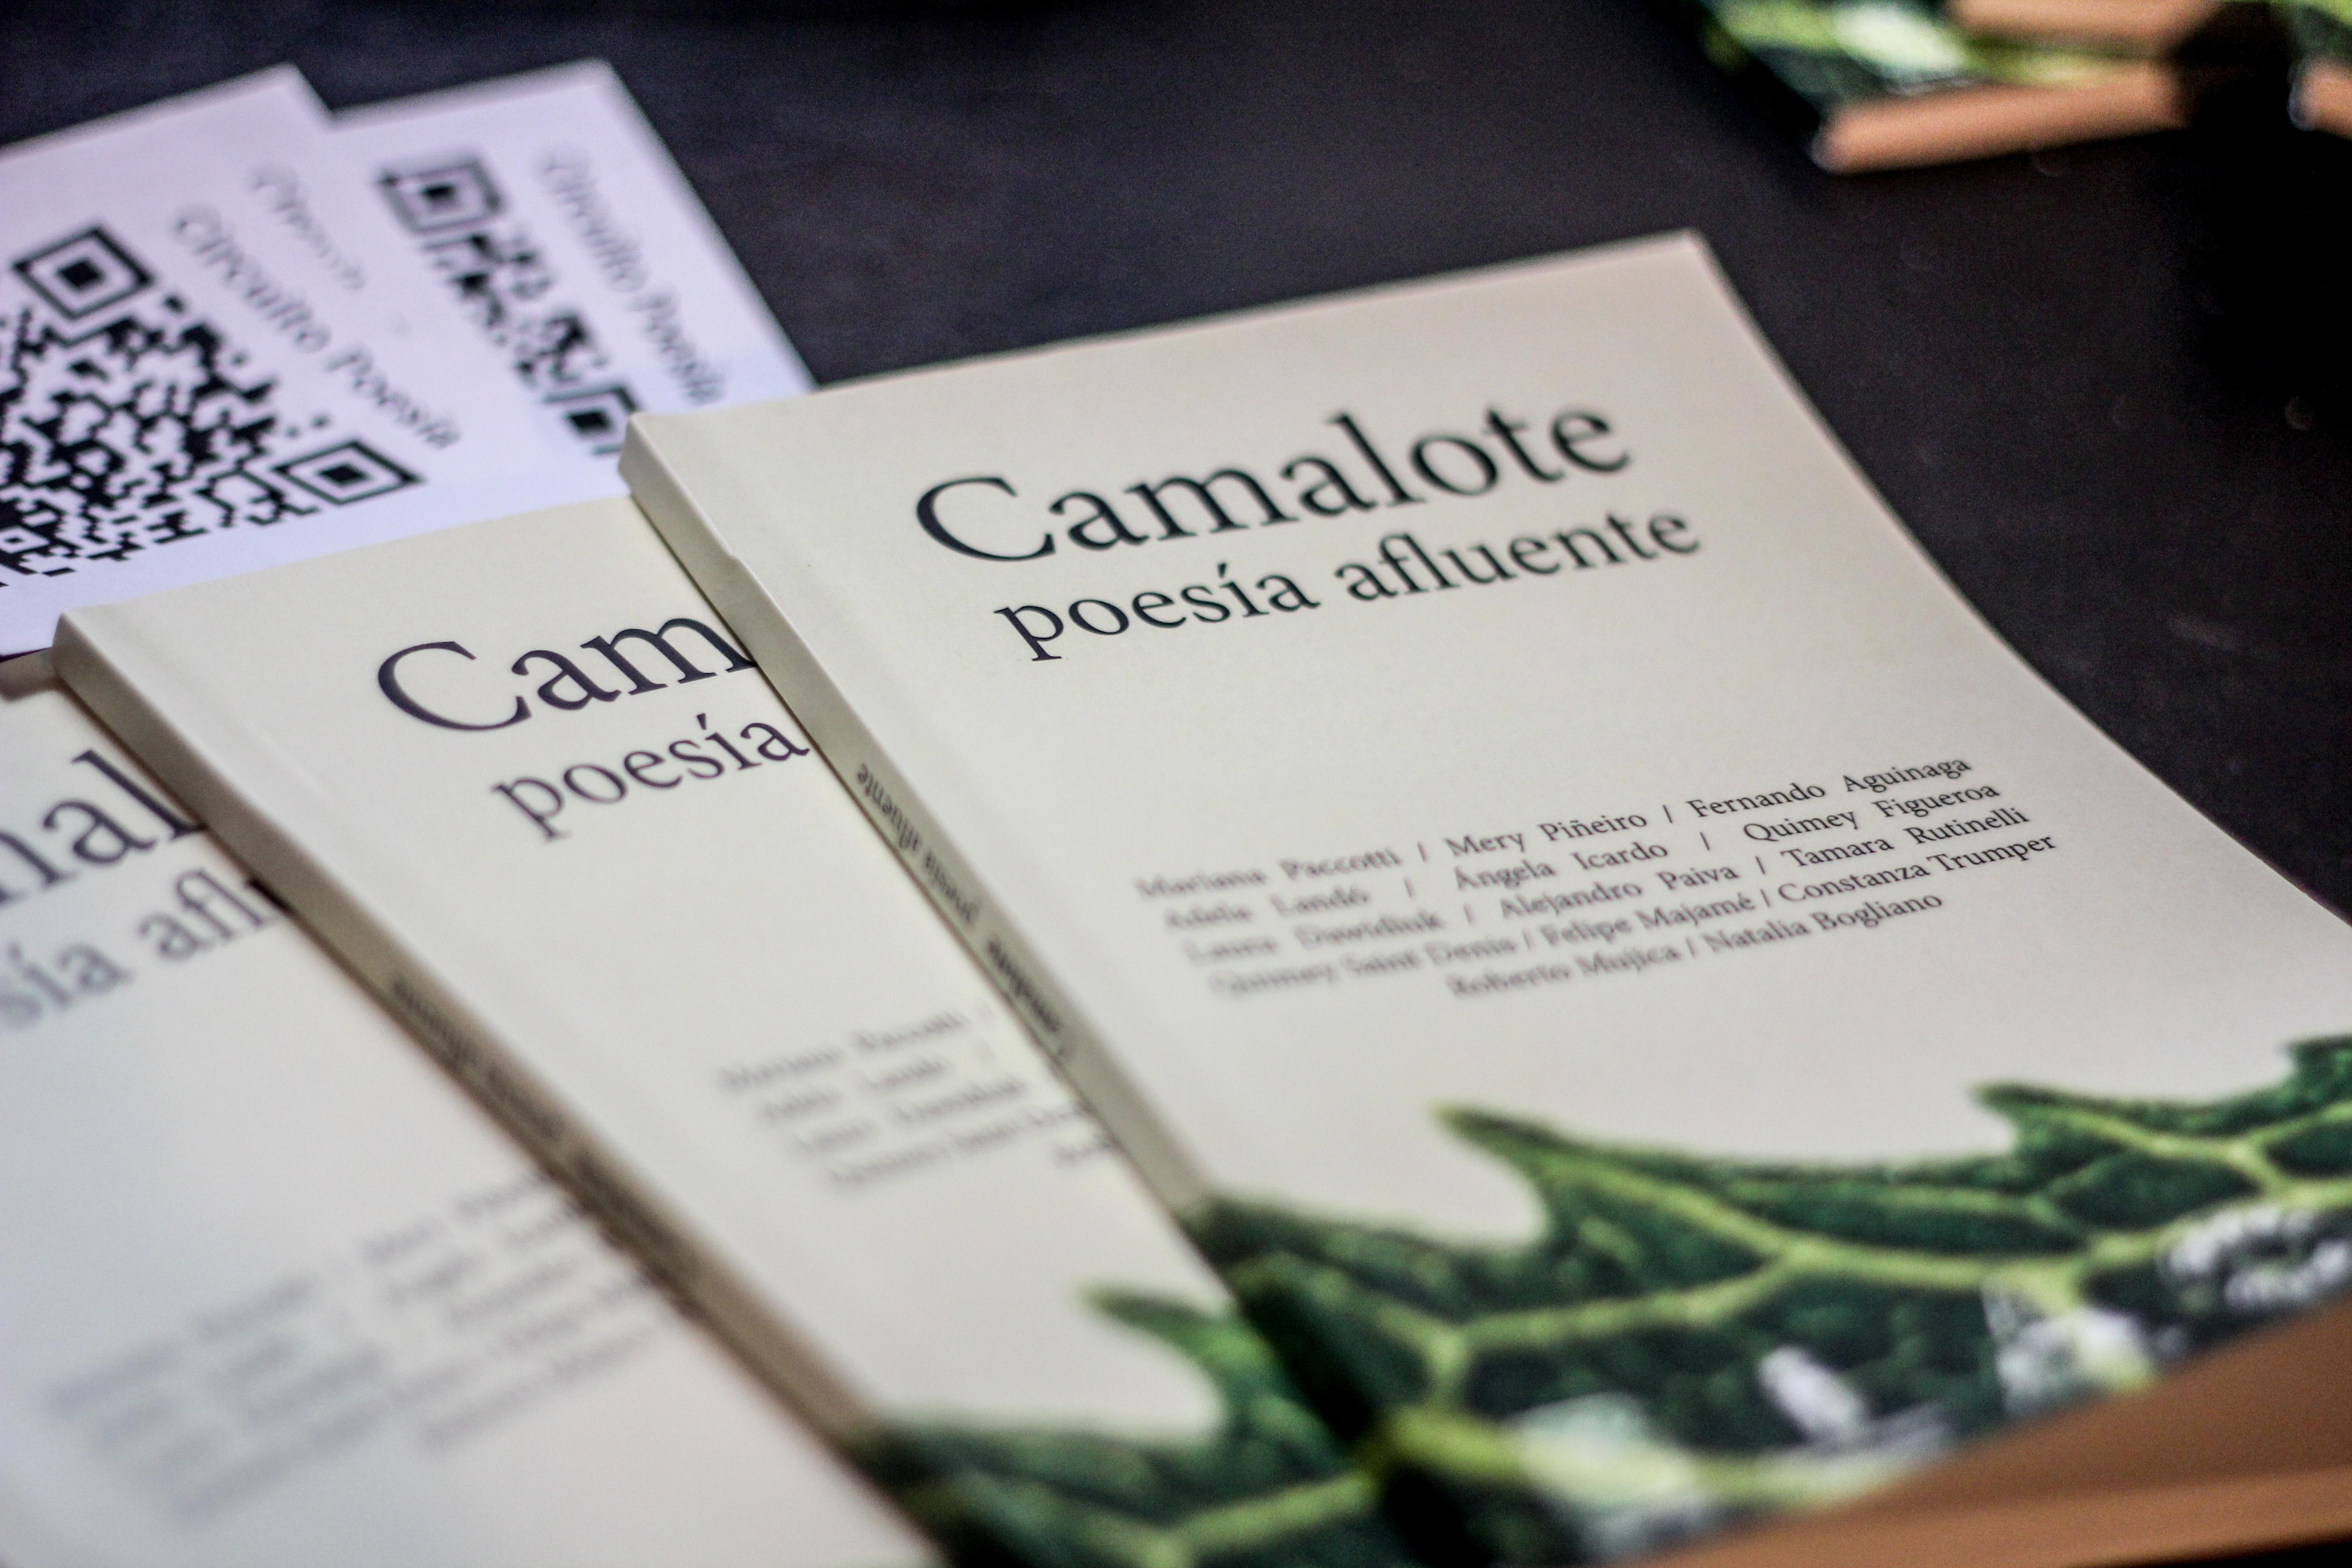 Cinco editoriales se reunieron para publicar a 14 poetas locales